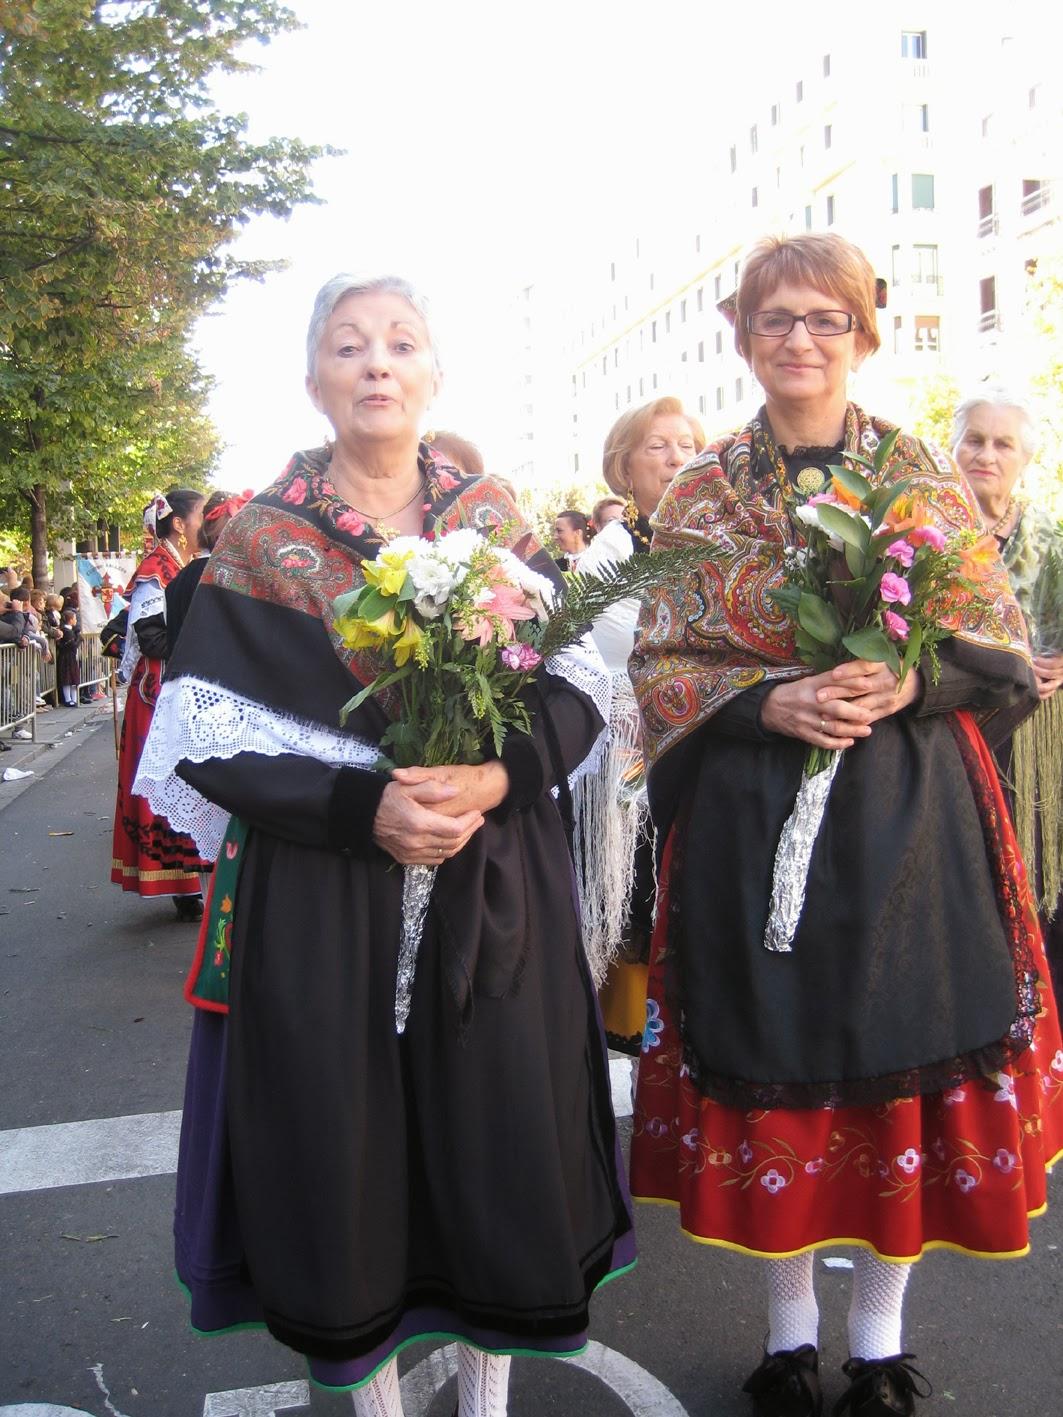 Fotos Ofrenda De Flores Zaragoza 2013 - [FOTOS] OFRENDA DE FLORES EN PATINES 2015